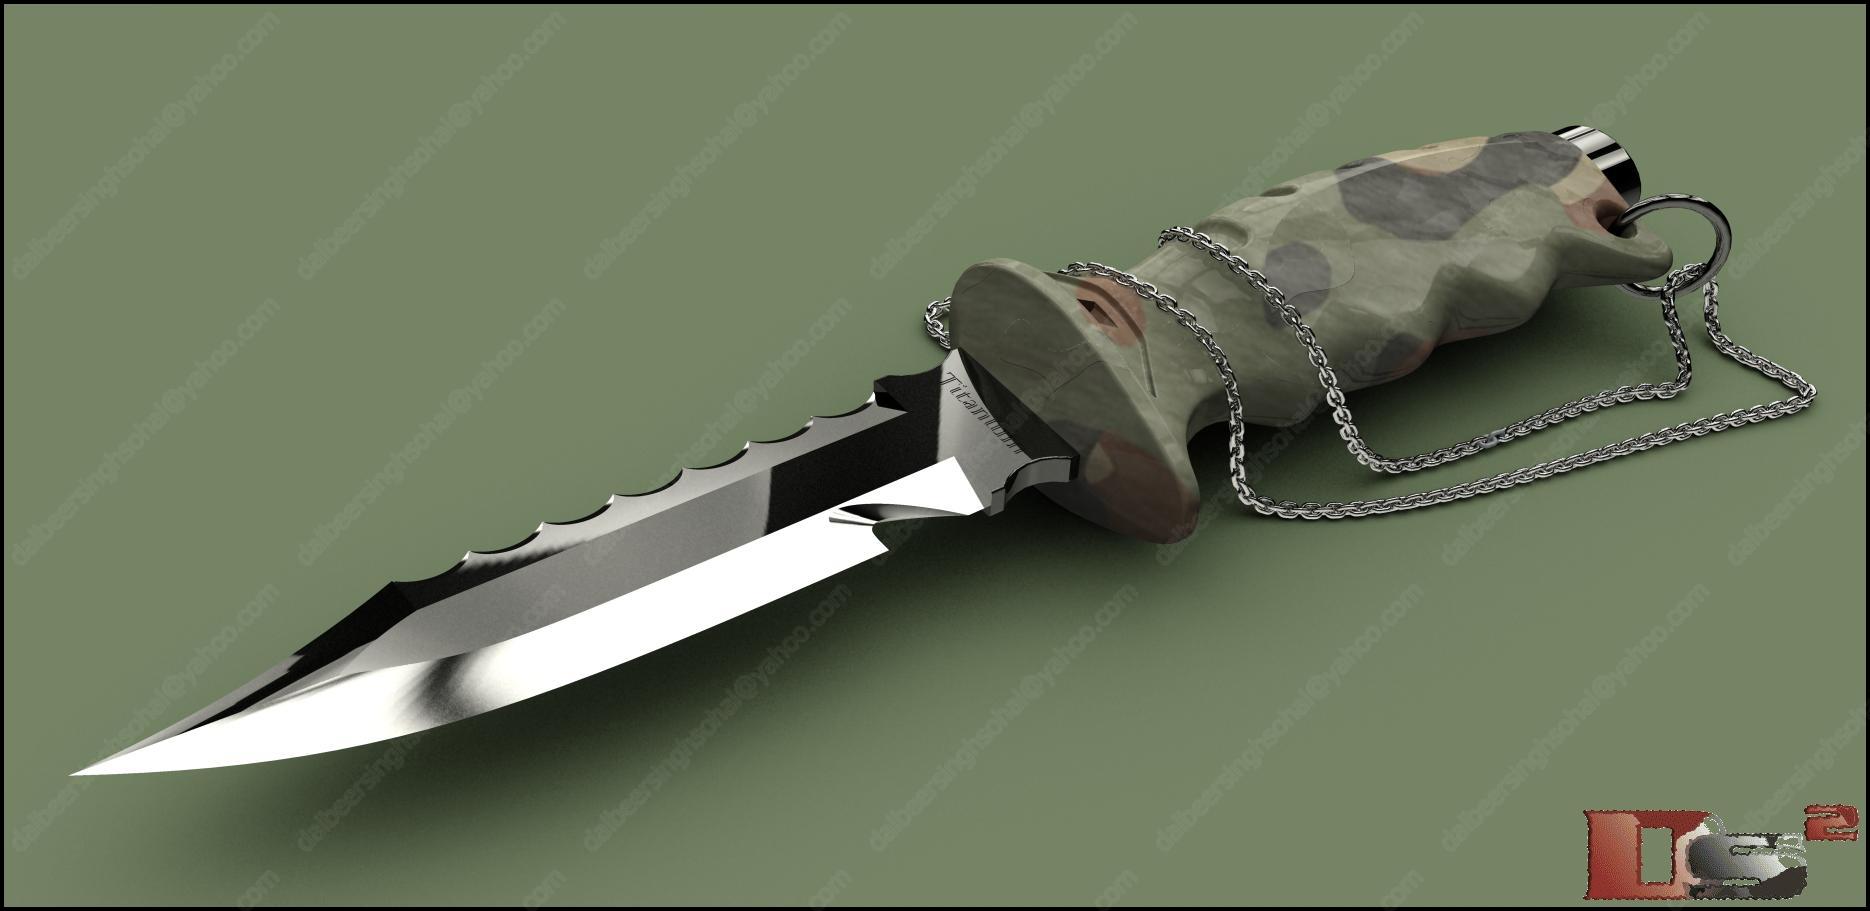 diver_knife_model(1).jpg